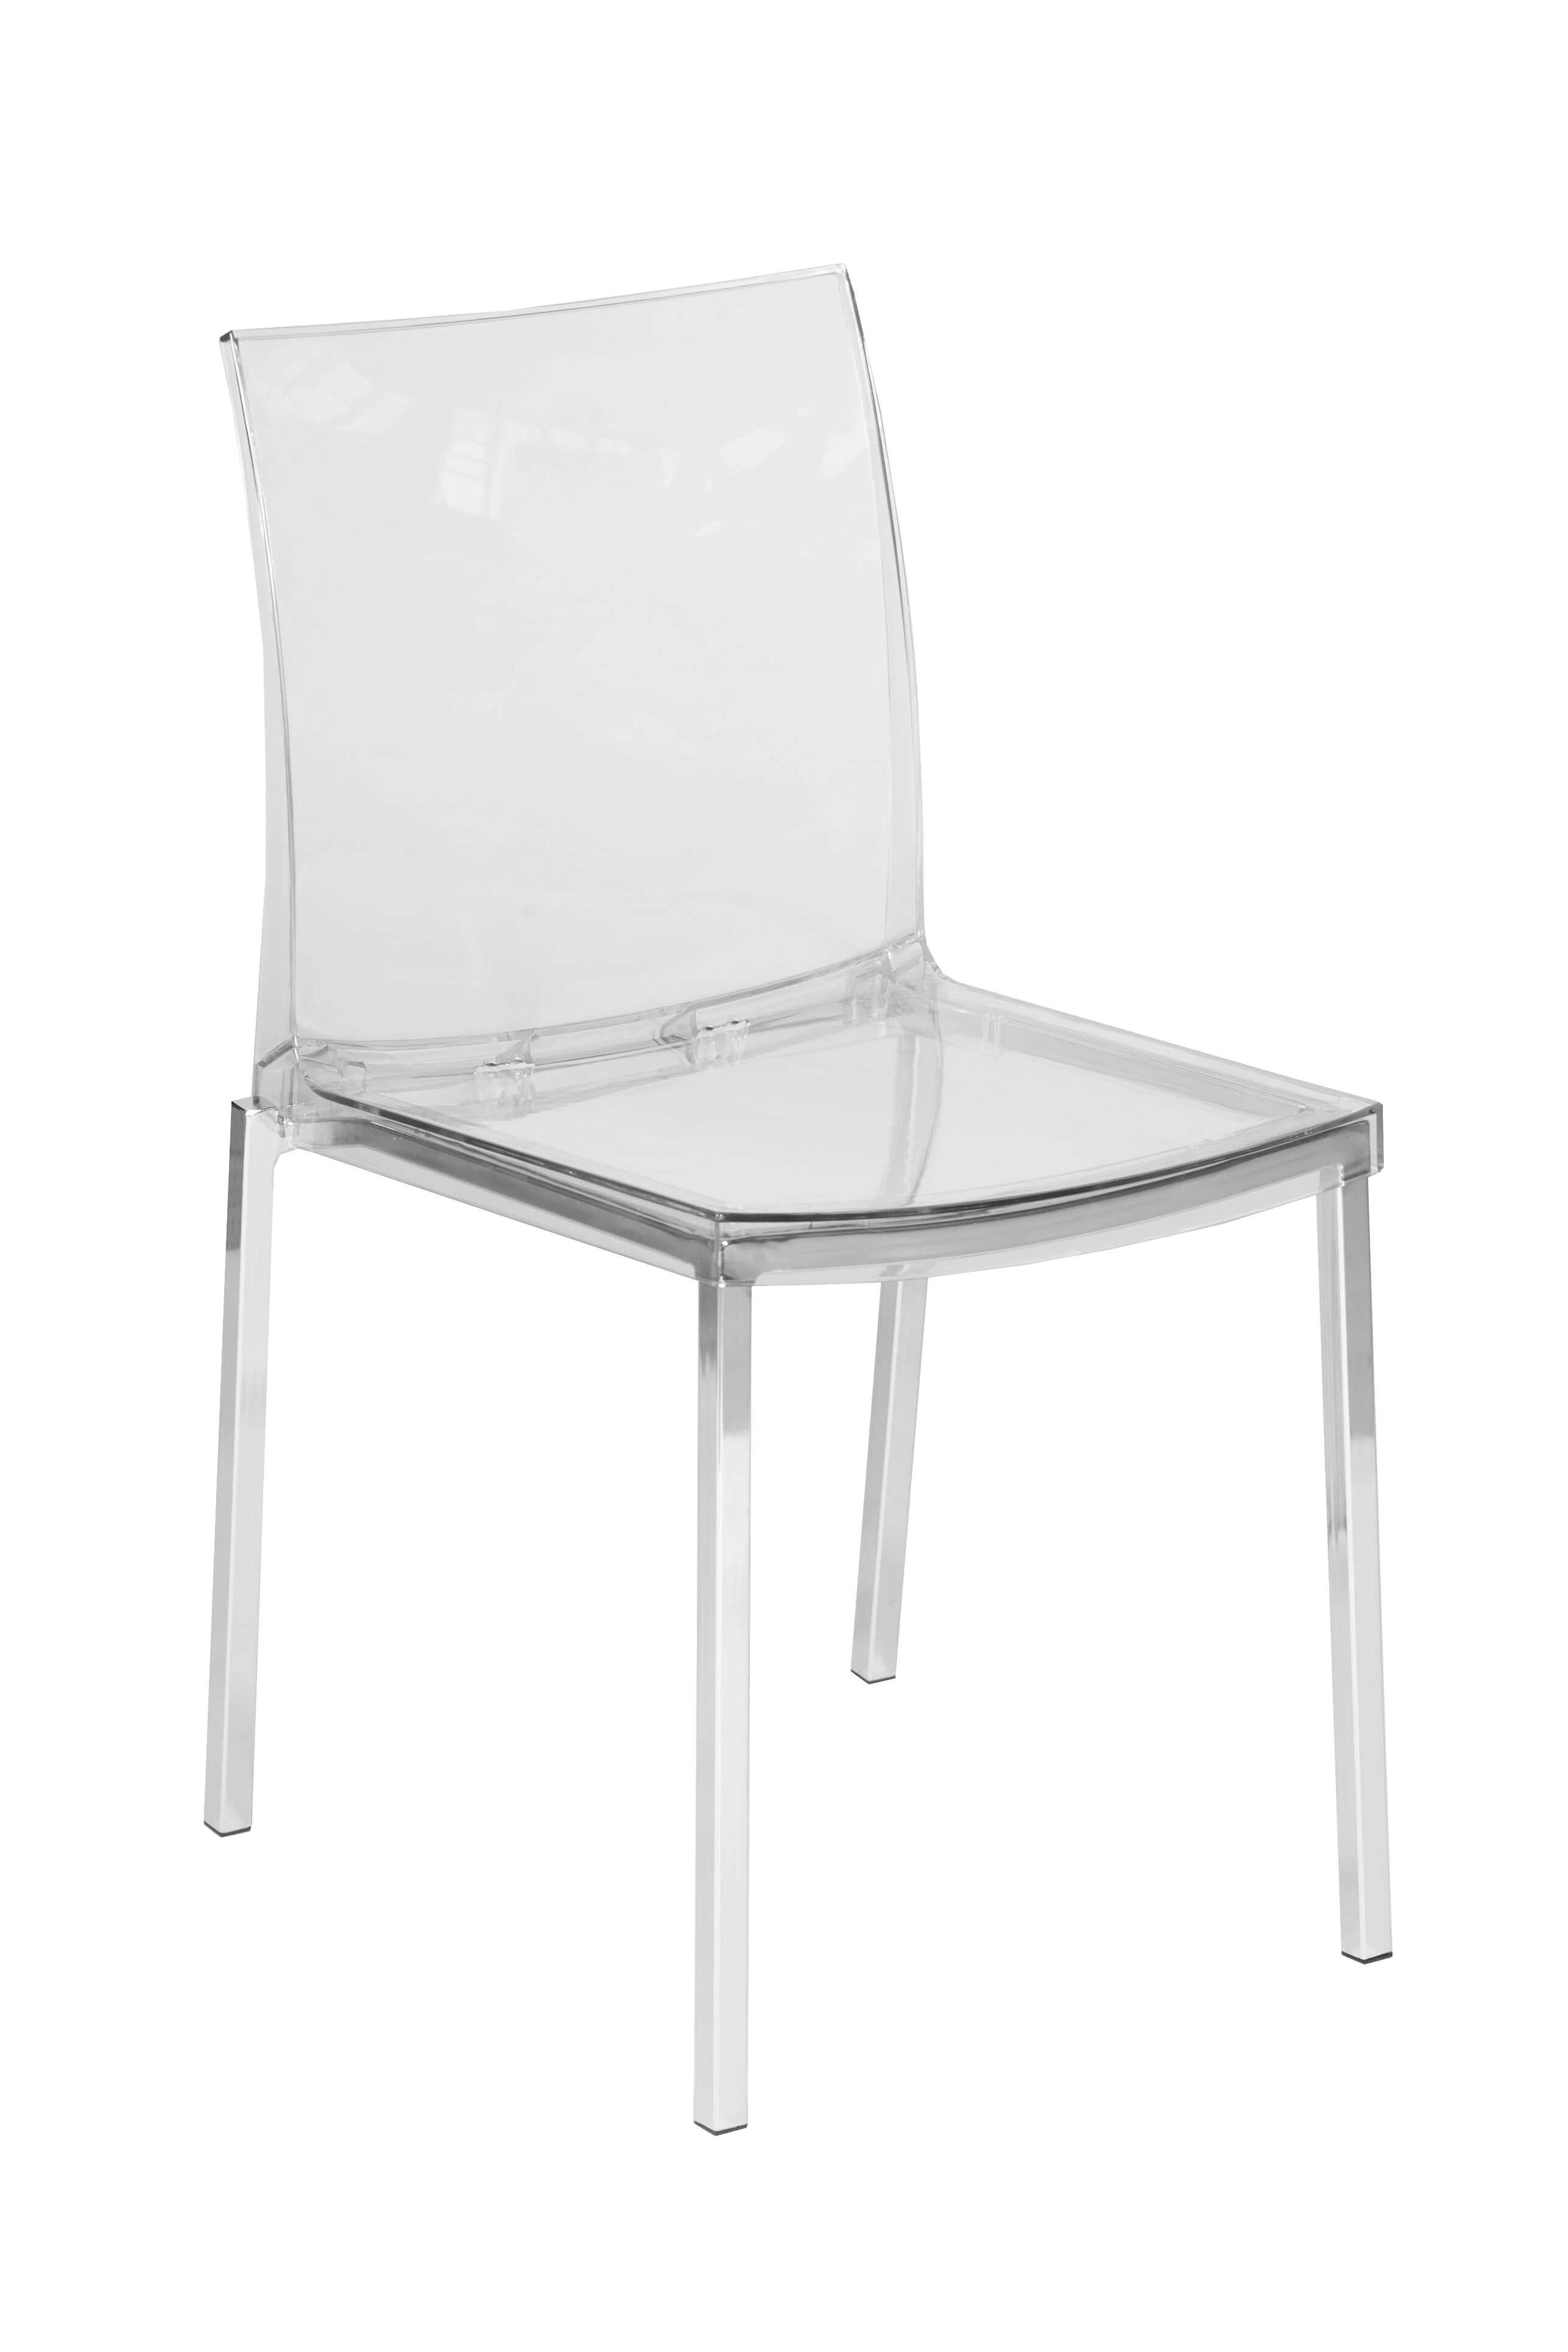 Clear Chrome Chair 2